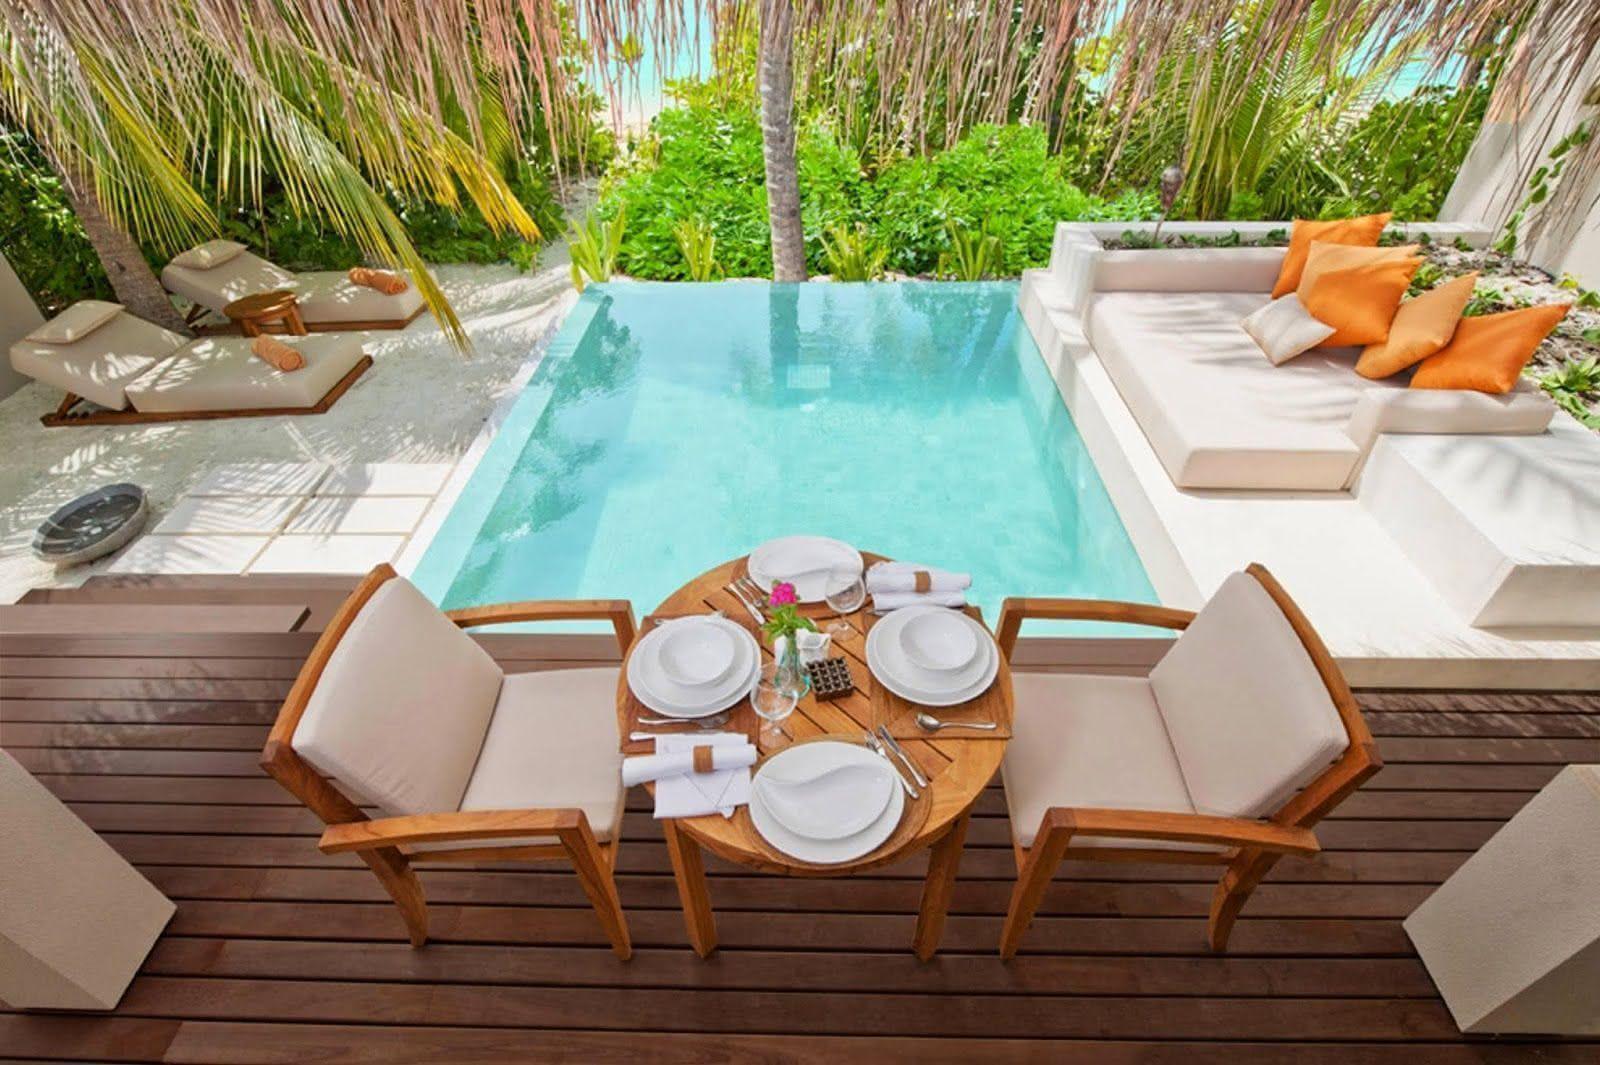 90 piscinas pequenas modelos projetos fotos lindas for Ideas para piscinas pequenas